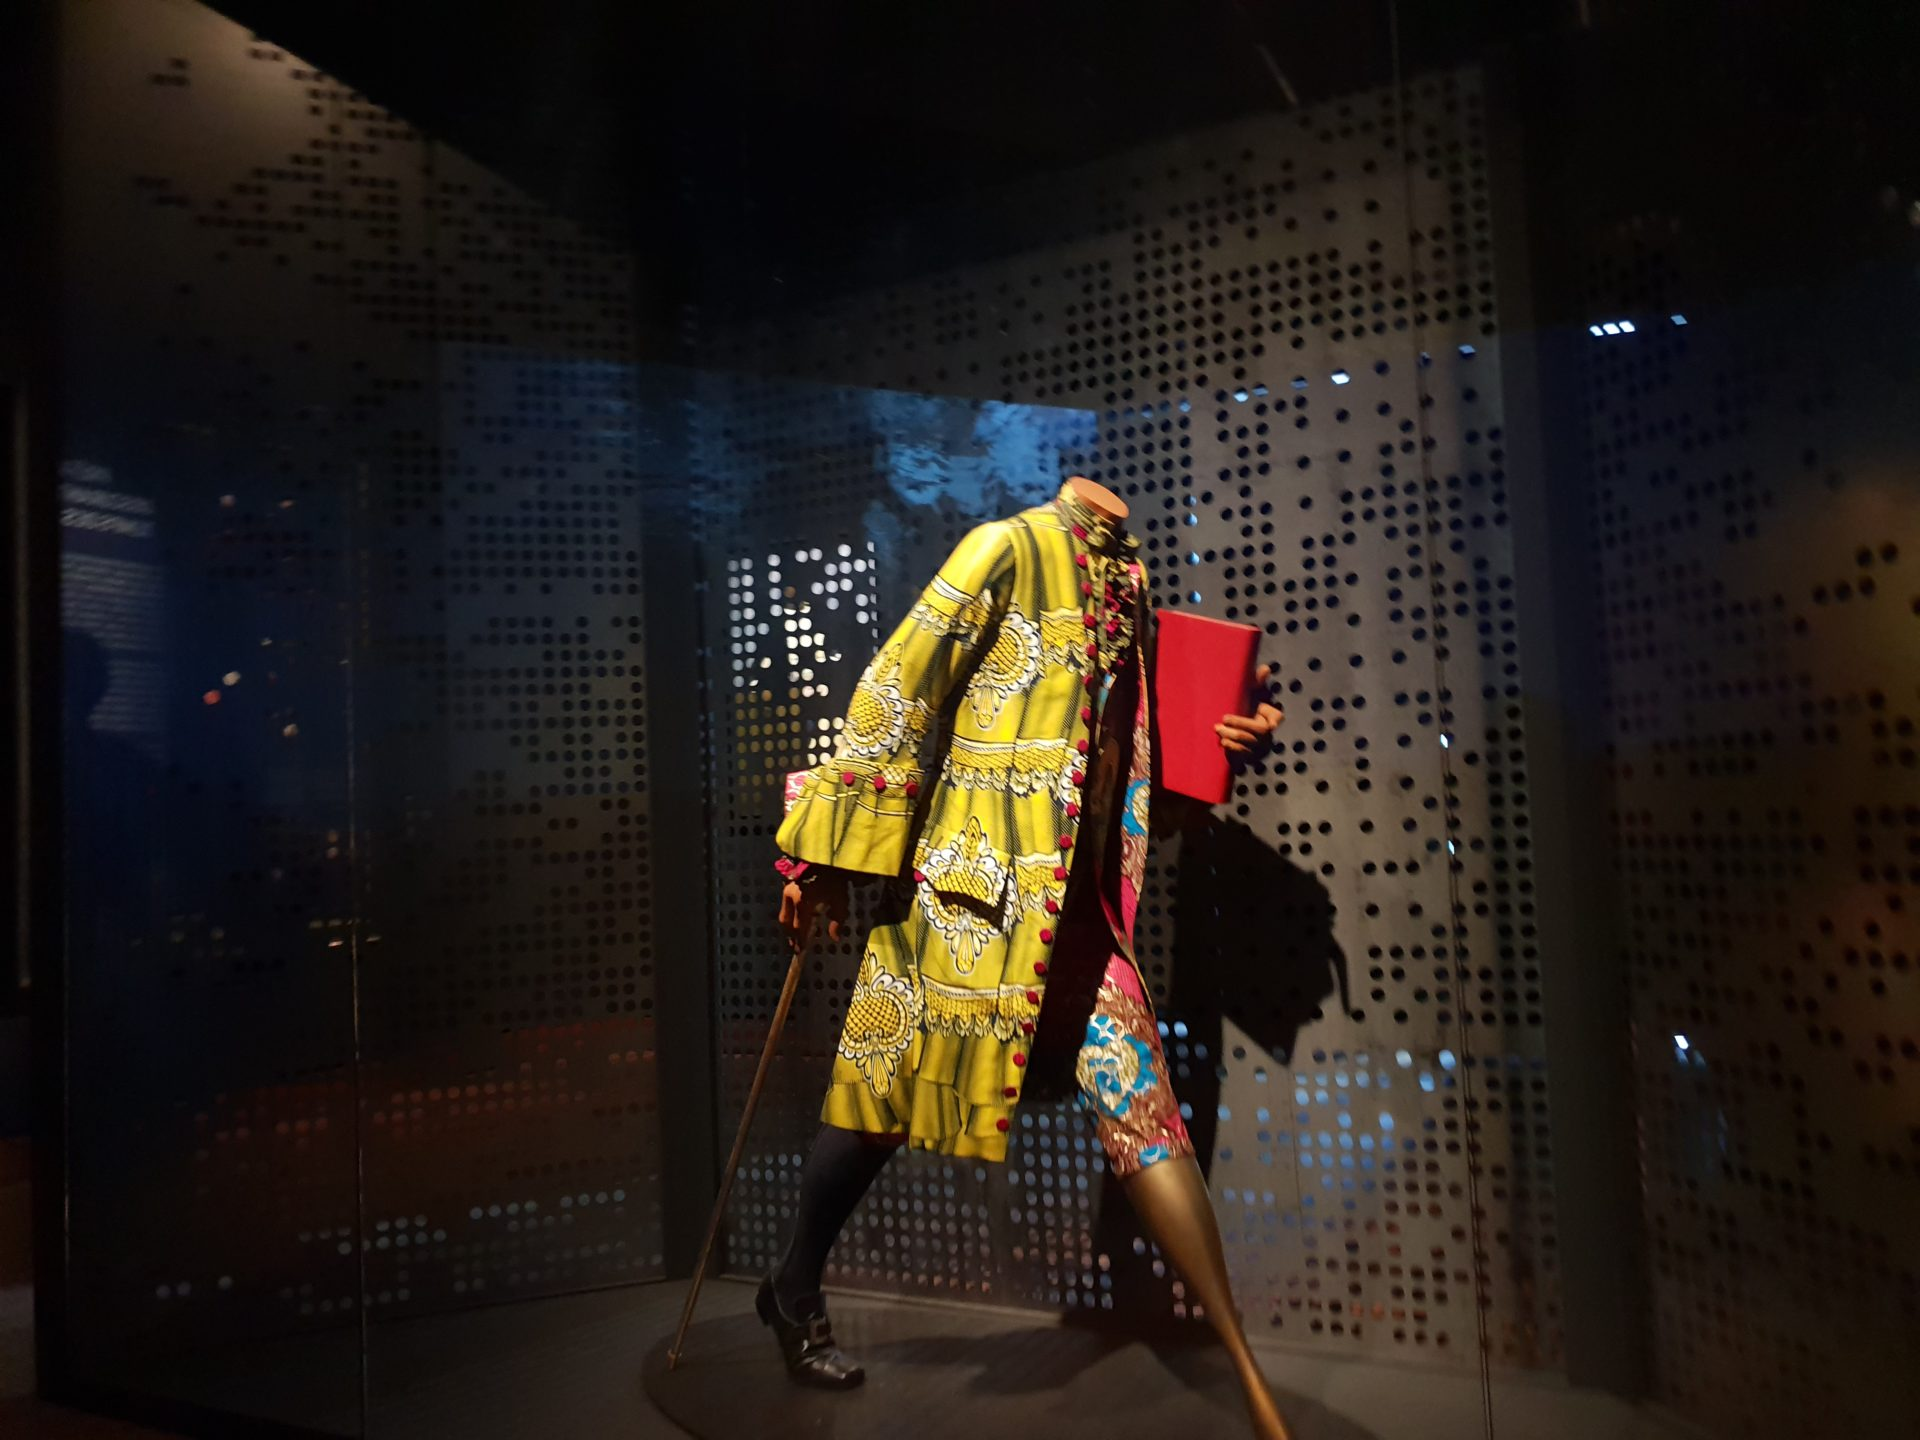 圖3 Yinka Shonibare MBE的雕塑作品〈啟蒙時代-伏爾泰〉,諷刺歐洲啟蒙精神的殘缺不全與缺乏道德良知 (攝影者/陳佳利)